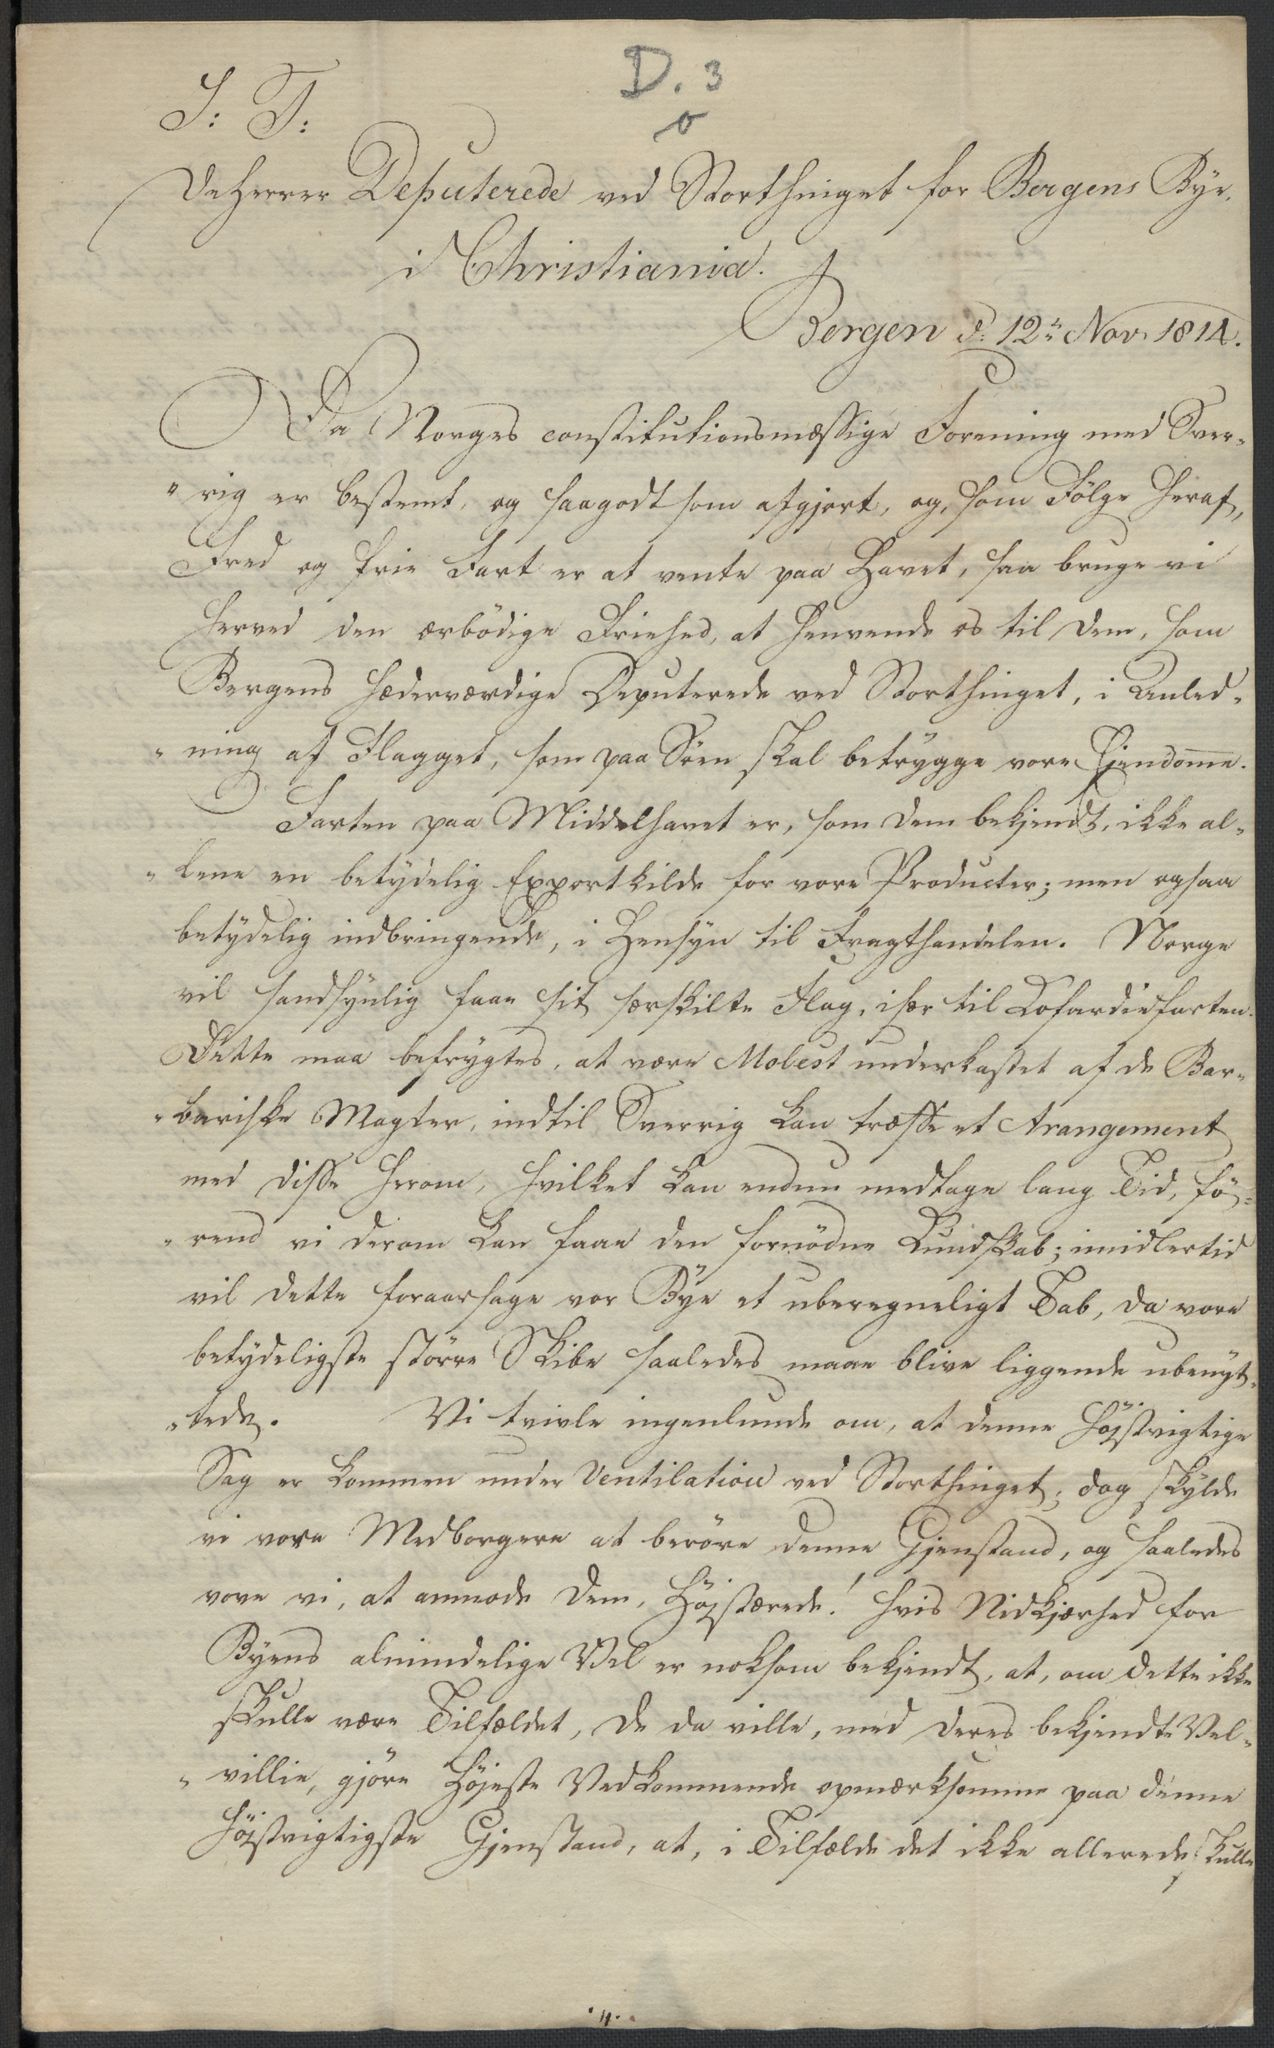 RA, Christie, Wilhelm Frimann Koren, F/L0004, 1814, s. 229